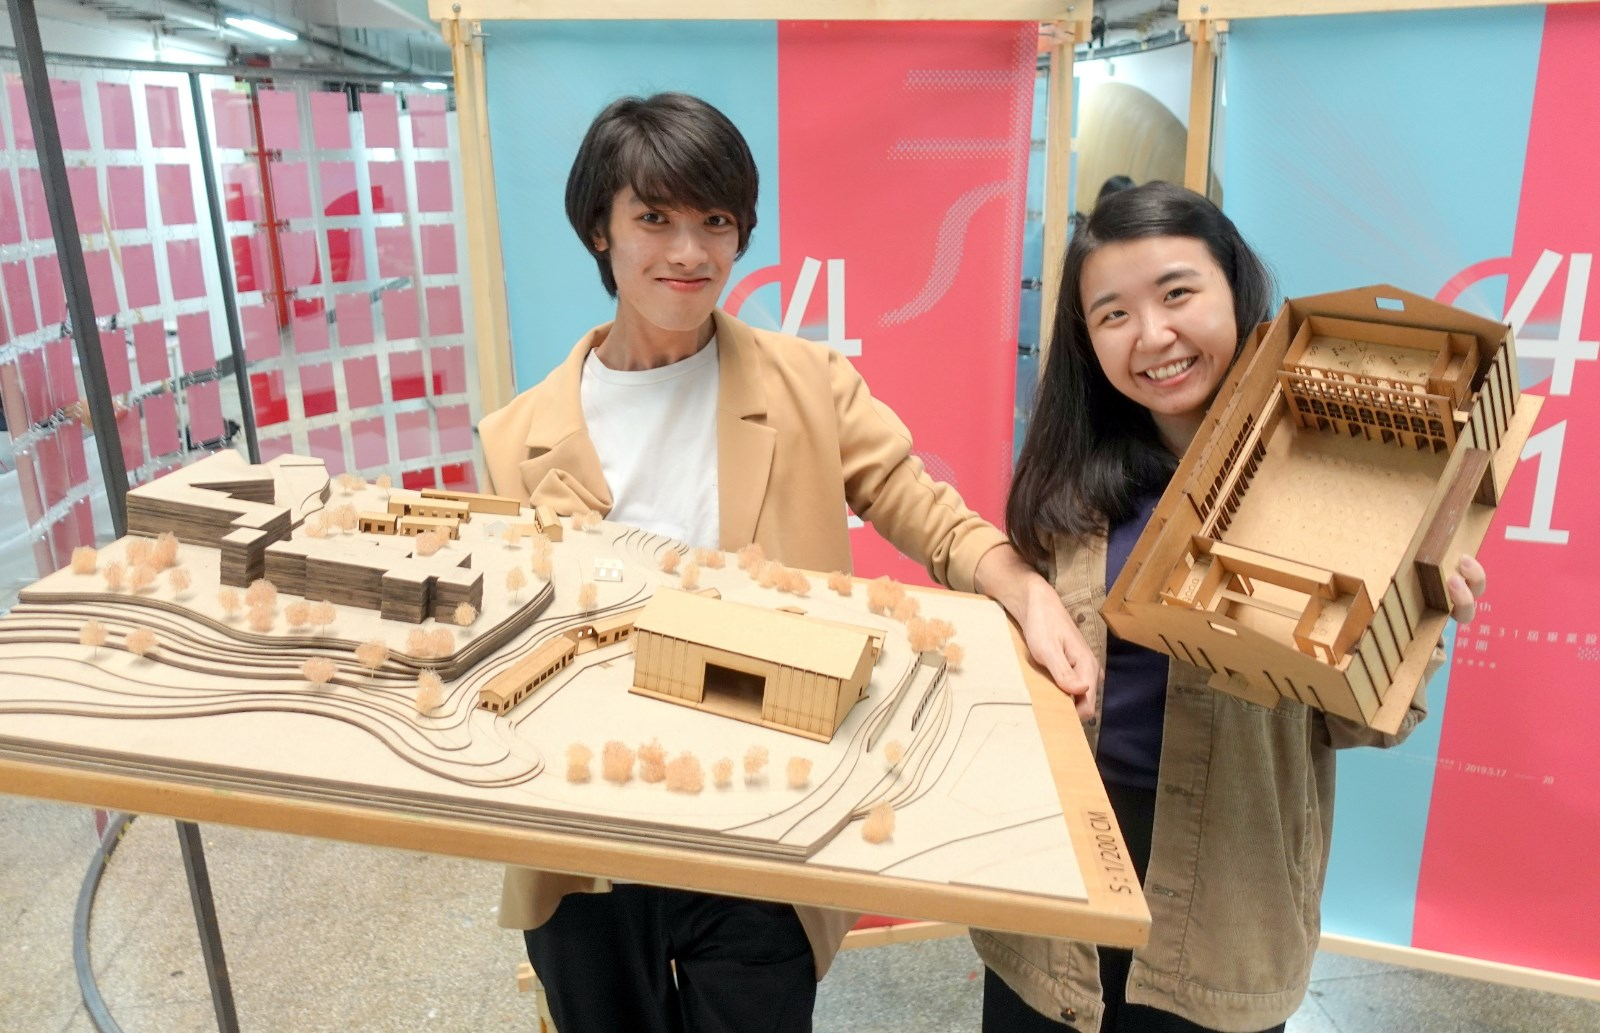 中原室設來自香港的黃子樂(左)與馬來西亞外籍生林宏恩為「湖山製片廠」賦予新意象。.JPG